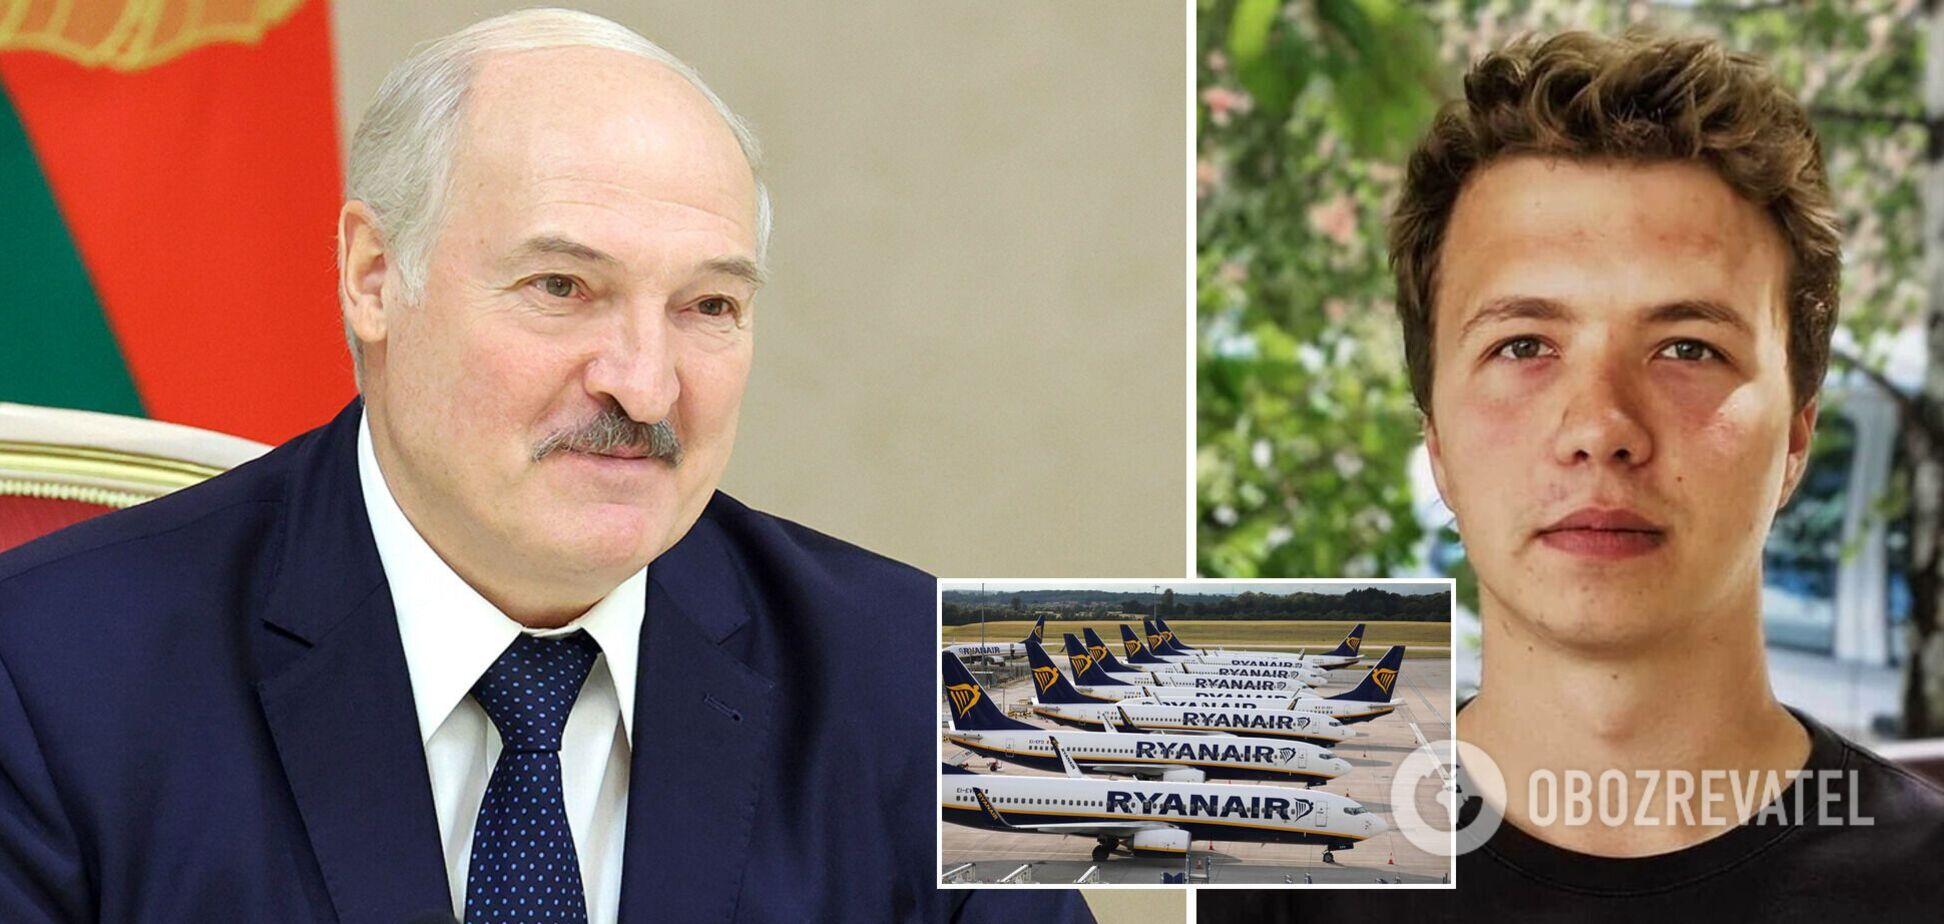 Лукашенко – загроза міжнародній безпеці. Як світ відреагував на затримання Протасевича